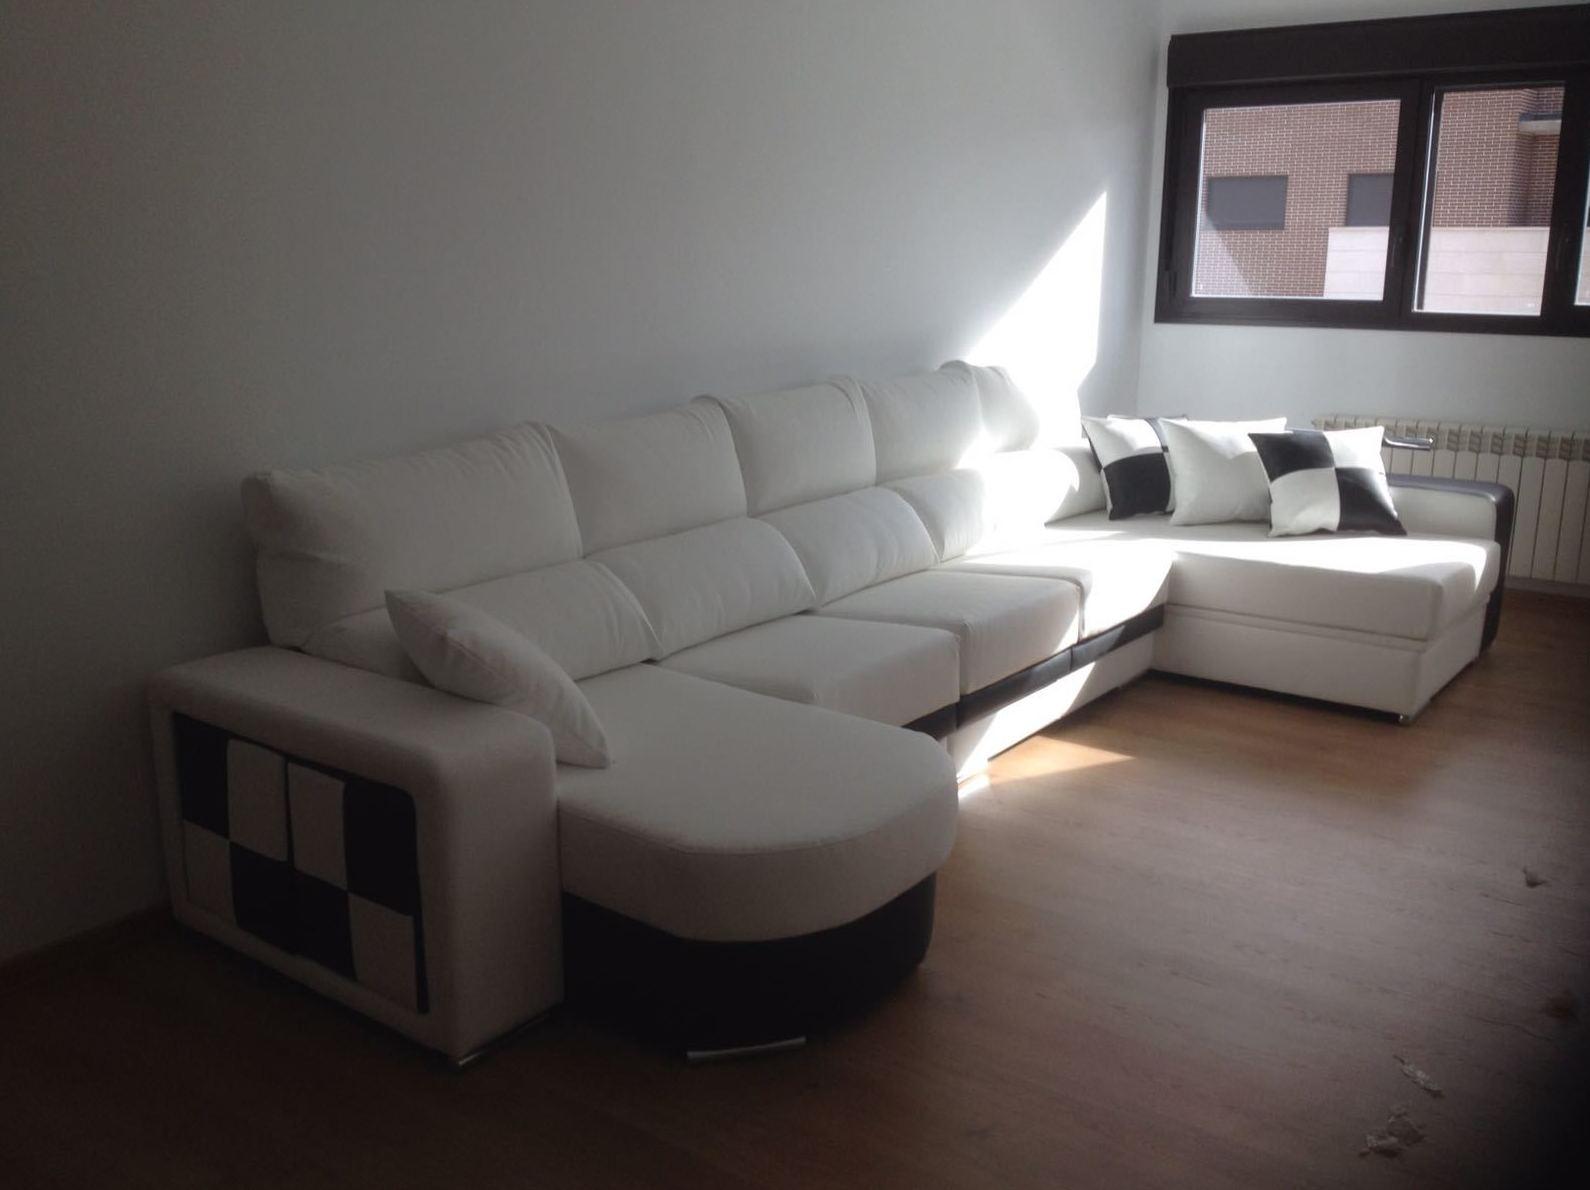 Asesoramiento para la compra de sofás